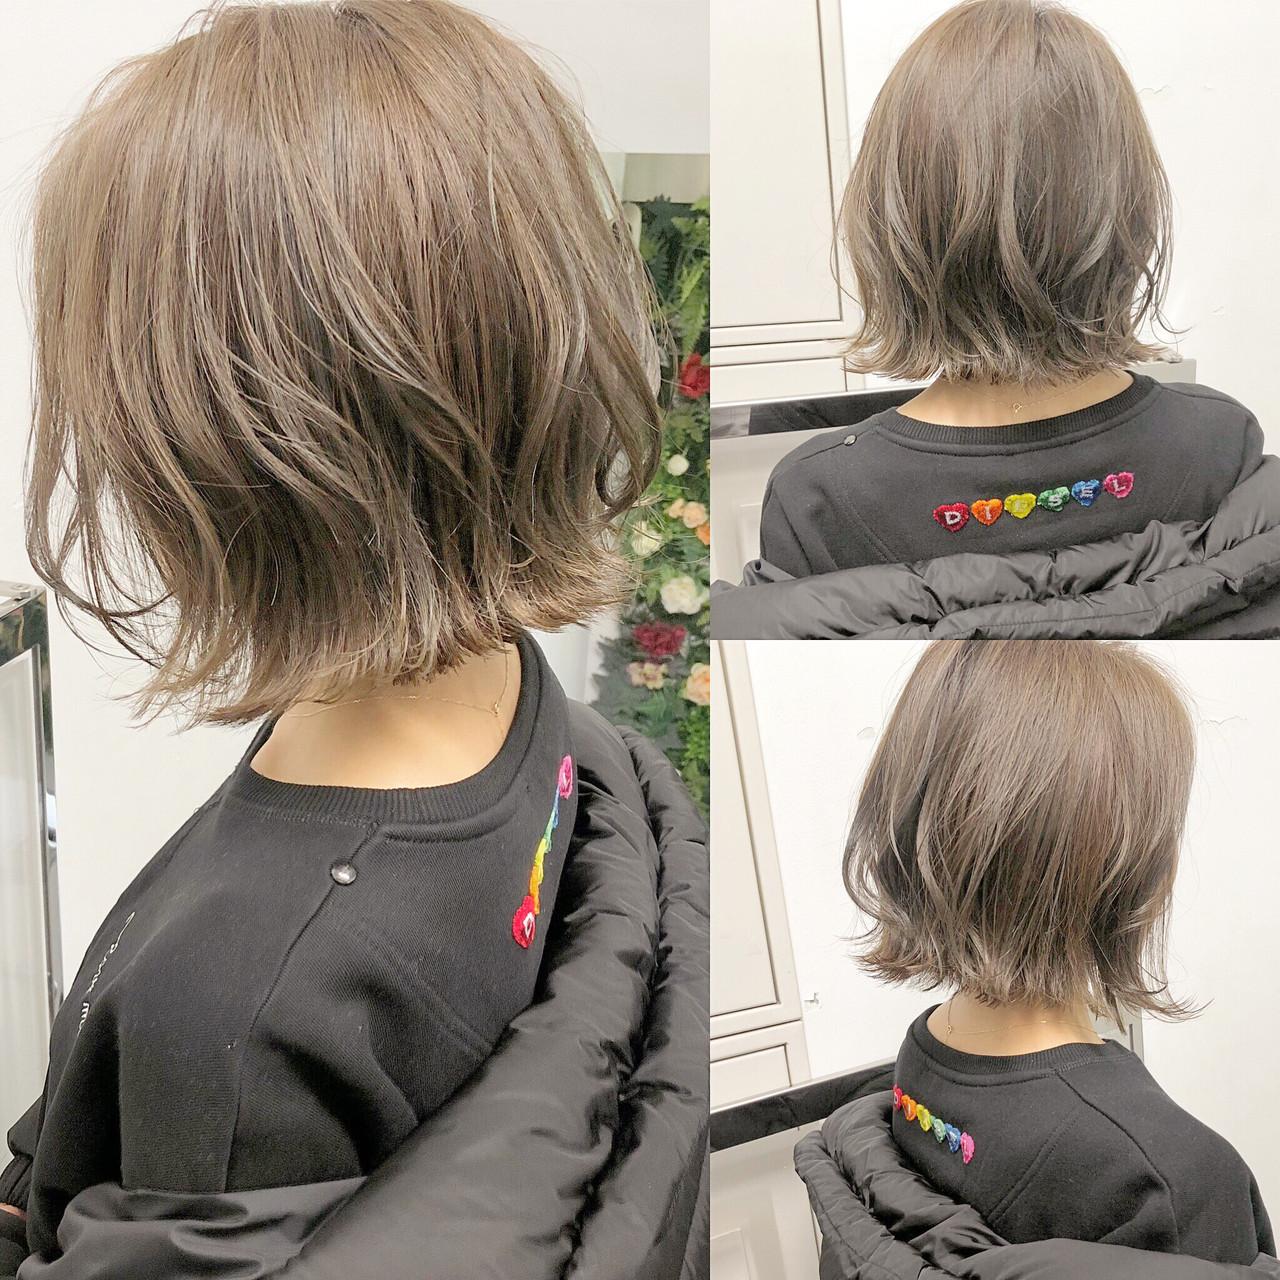 ナチュラル パーマ アンニュイほつれヘア 簡単ヘアアレンジ ヘアスタイルや髪型の写真・画像